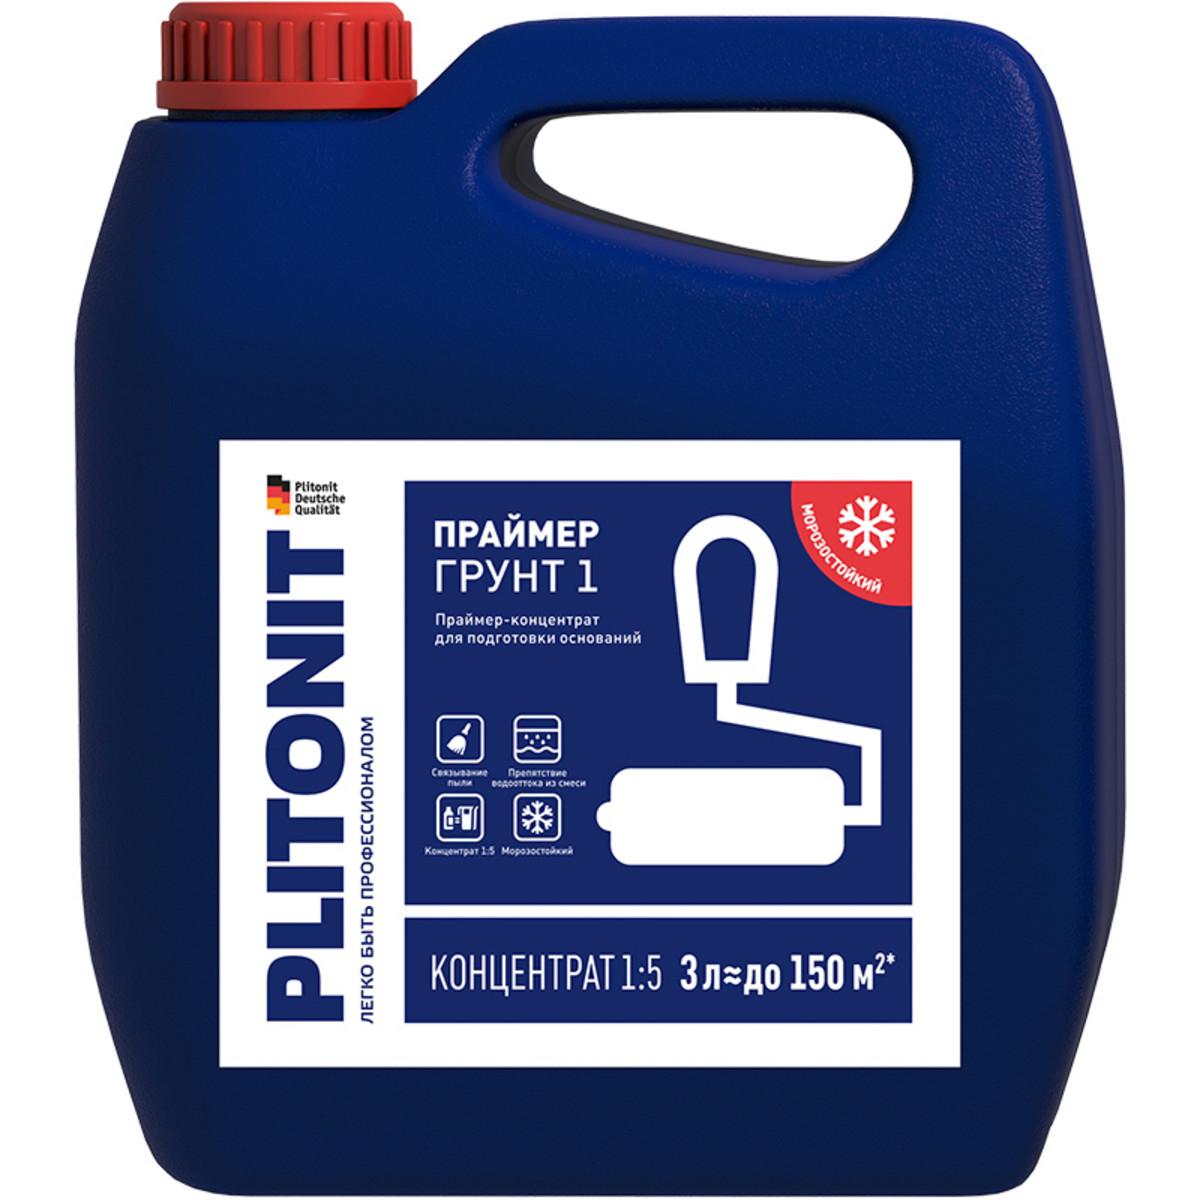 Грунтовка универсальная Plitonit Грунт 1 3 л